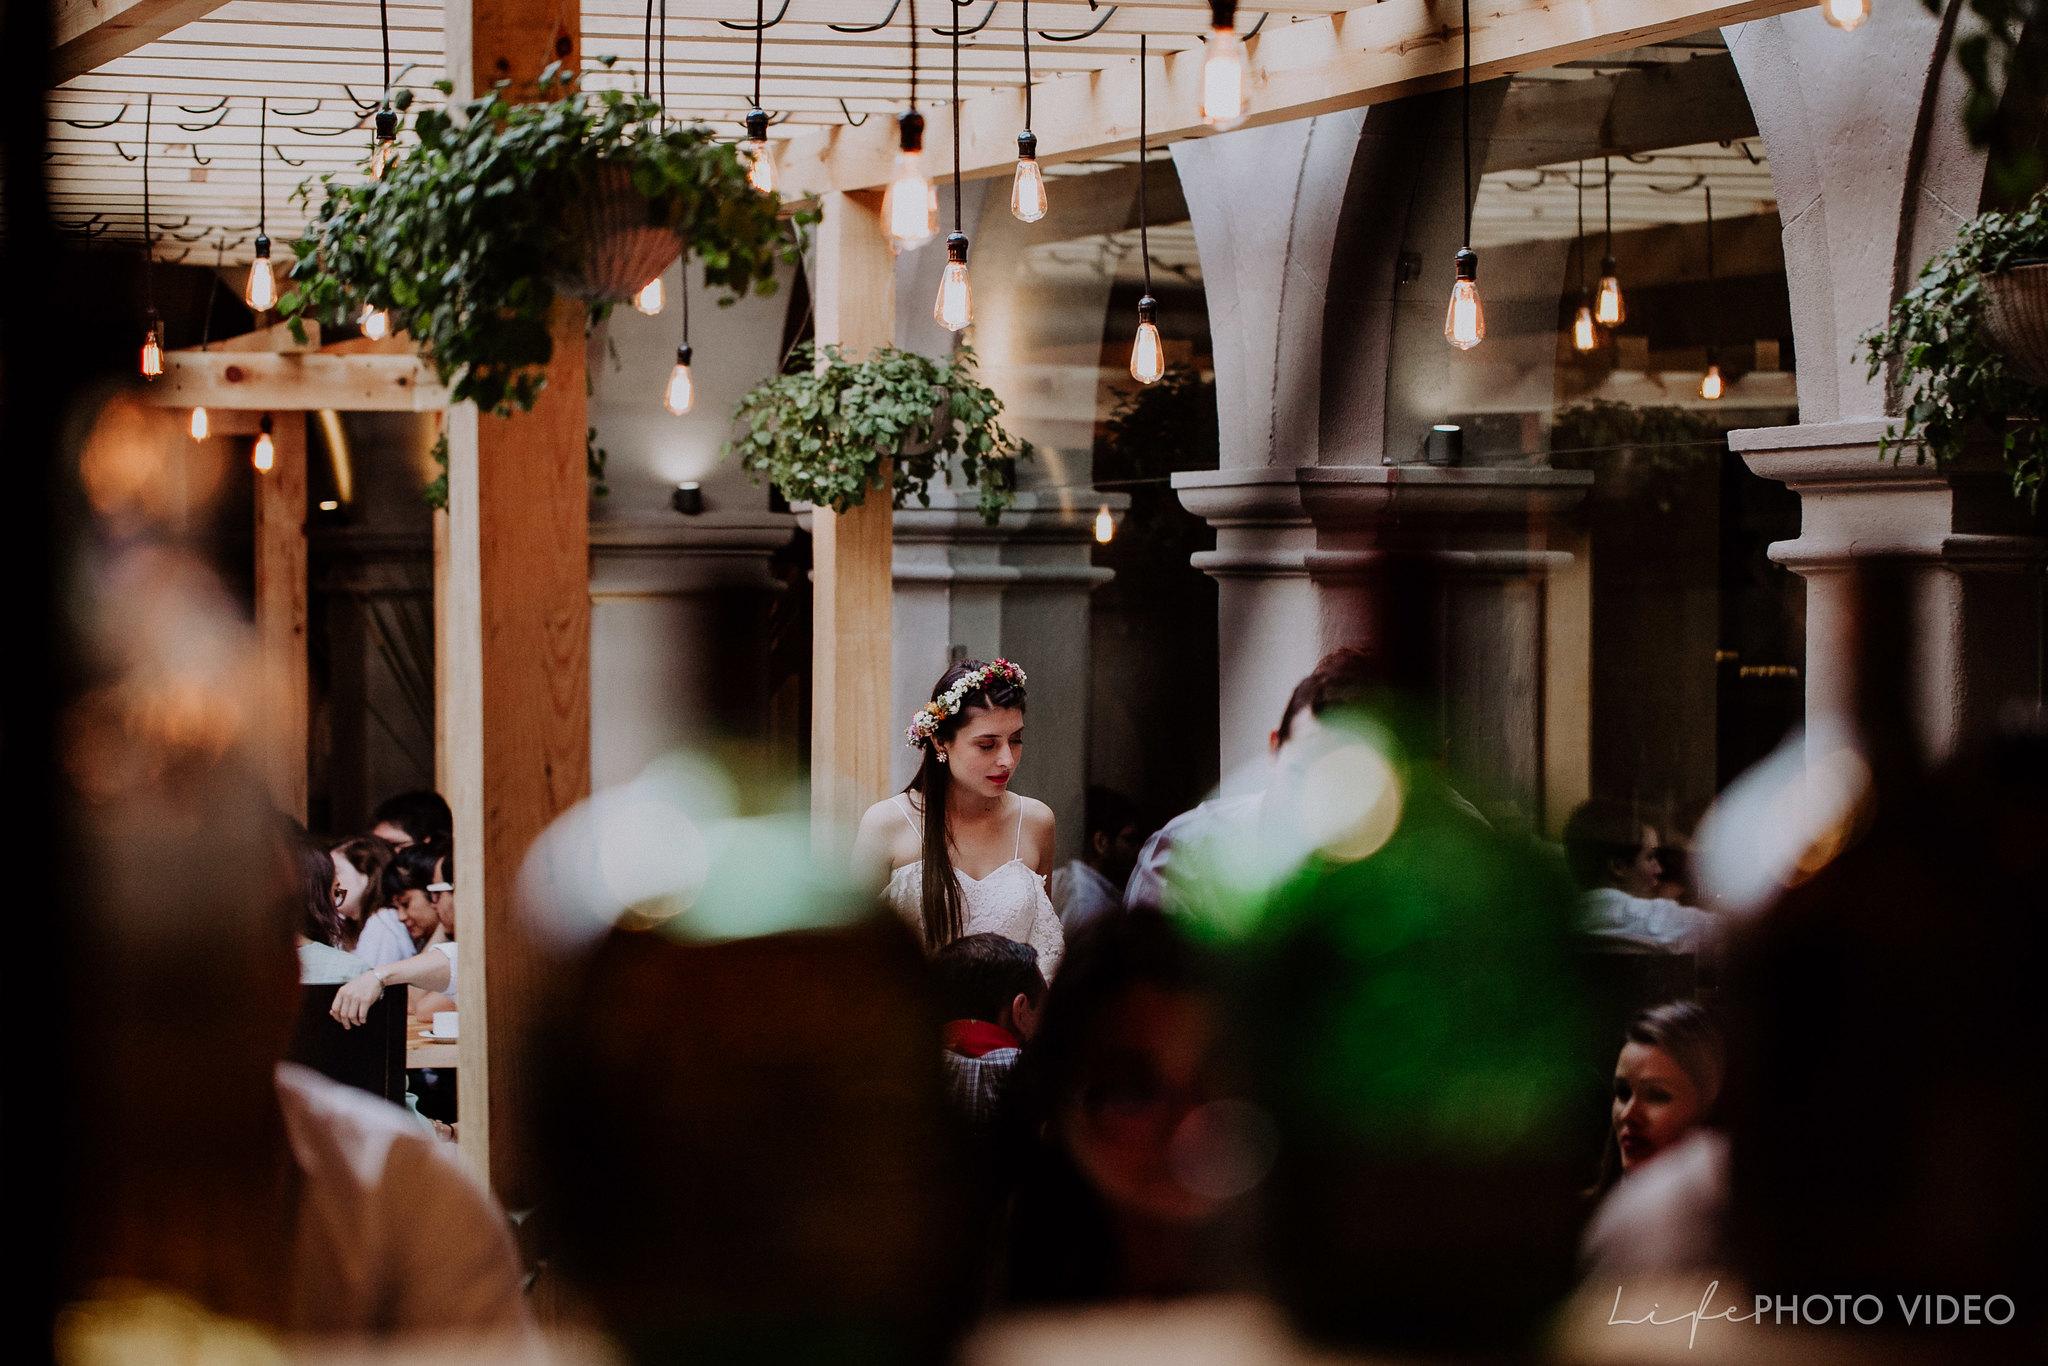 SanMigueldeAllende_Wedding_Callejoneada_Vaquillada_0090